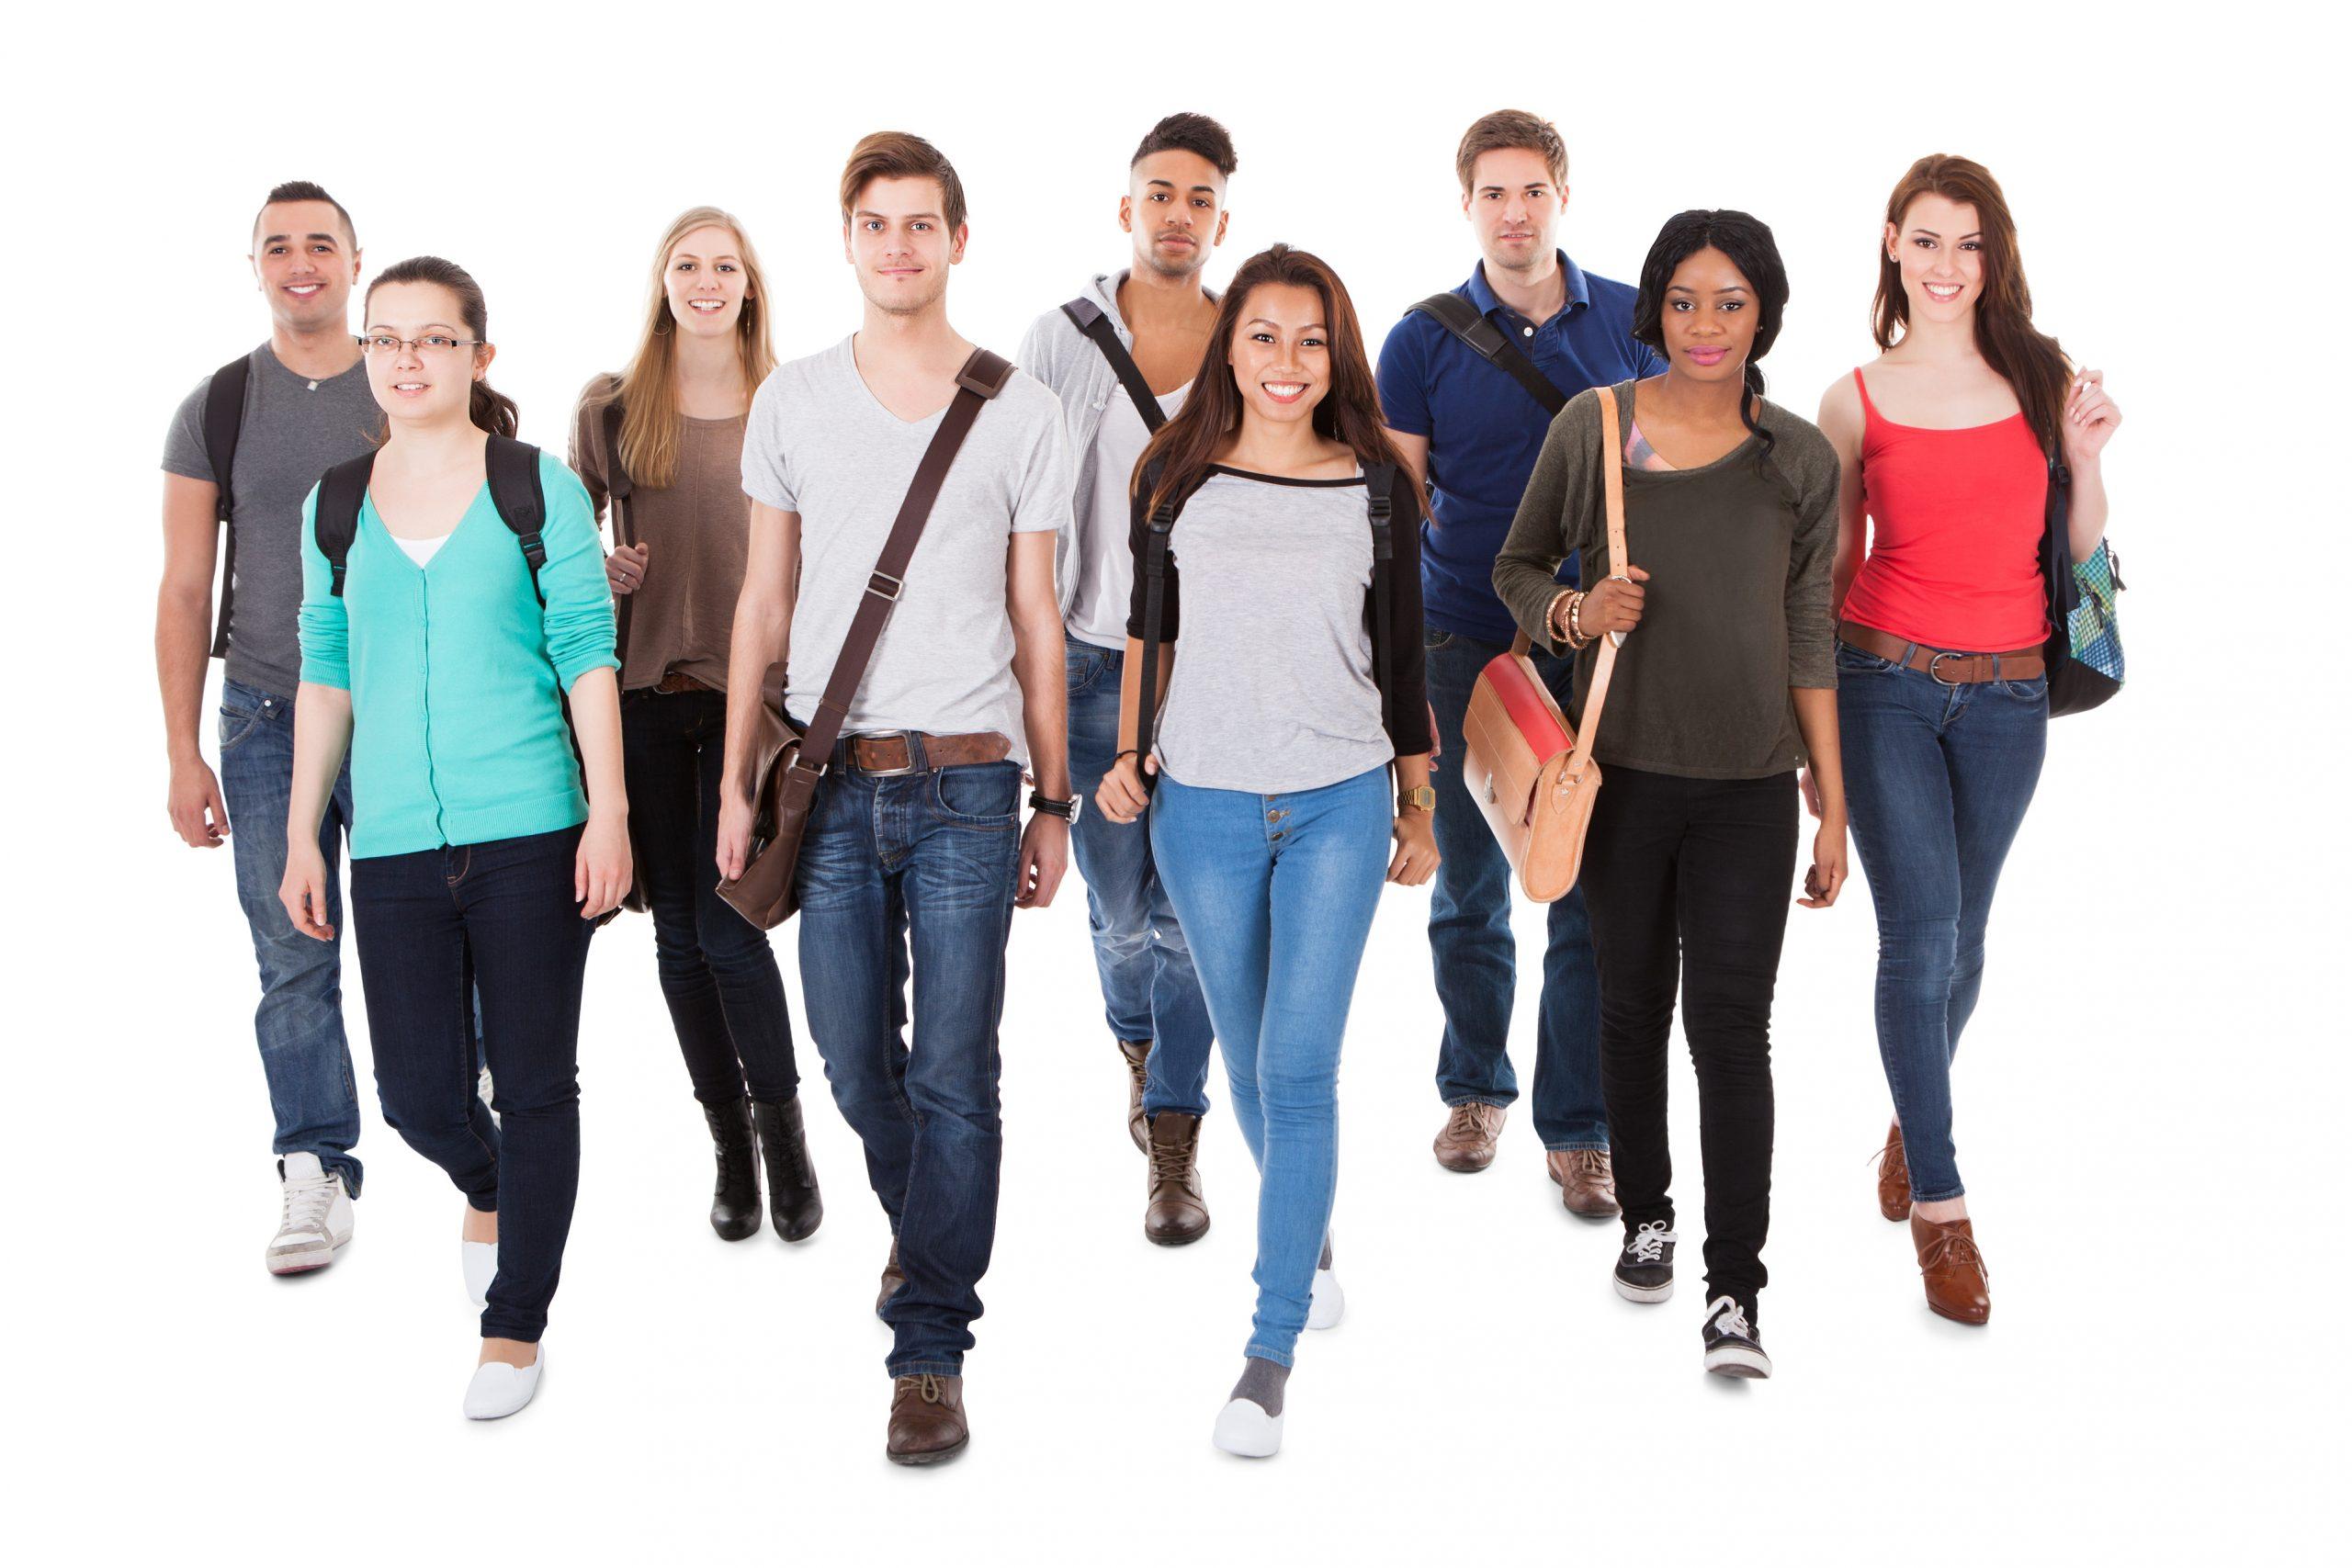 ryhmä nuoria opiskelijoita